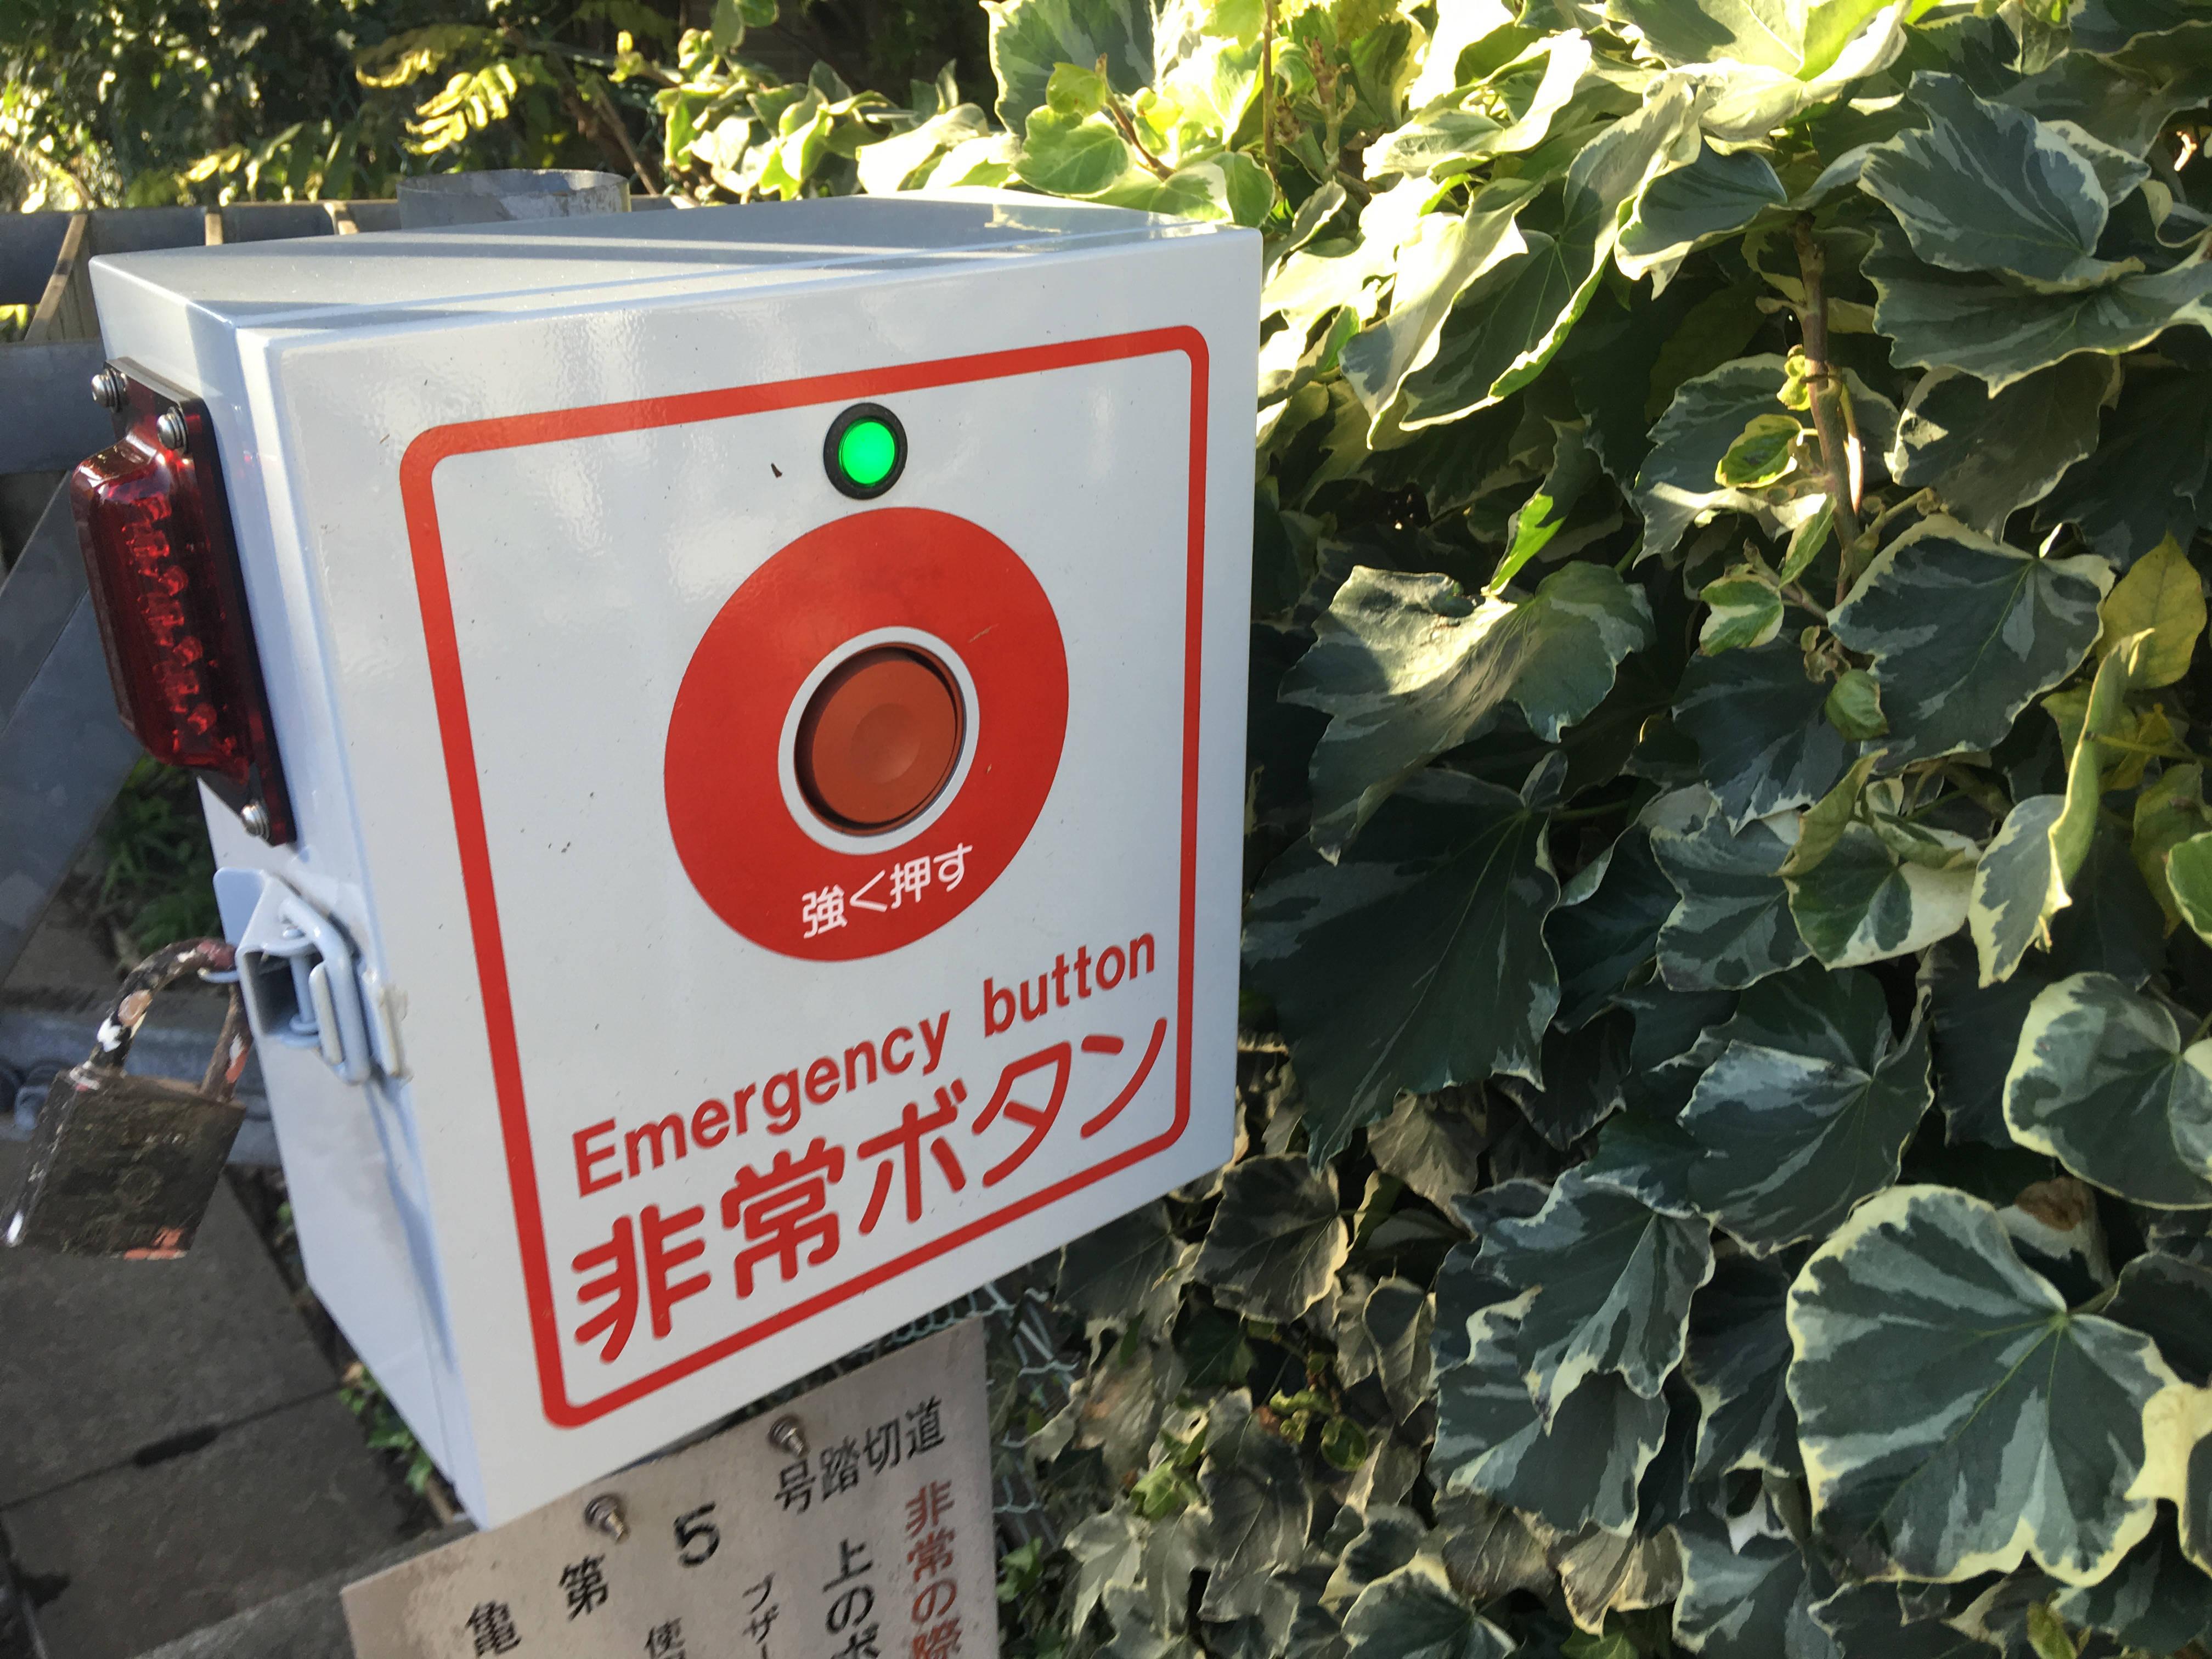 線路から見えた非常ボタン